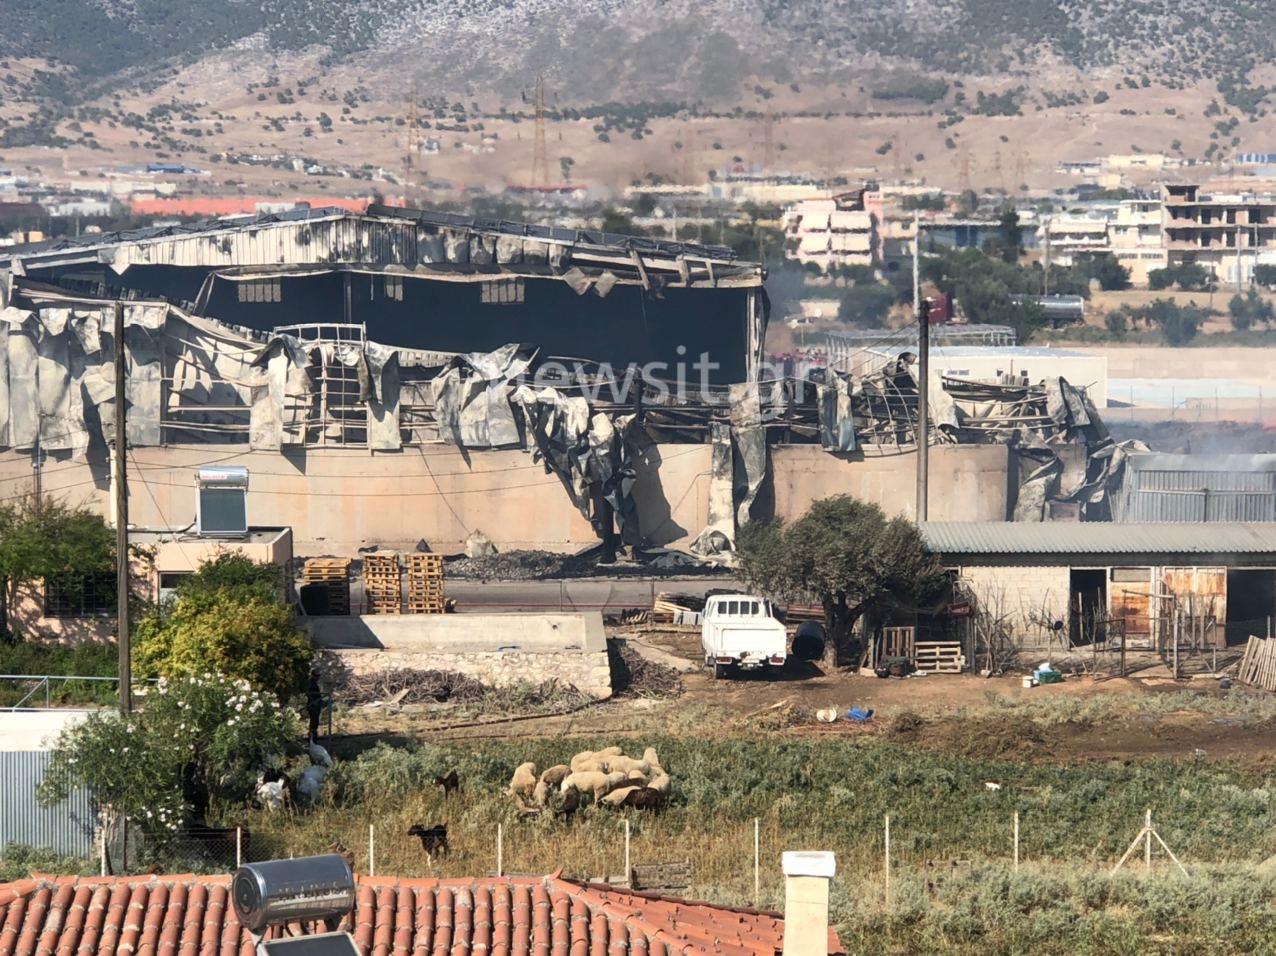 Εικόνες απόλυτης καταστροφής από την φωτιά στον Ασπρόπυργο (pics, video)